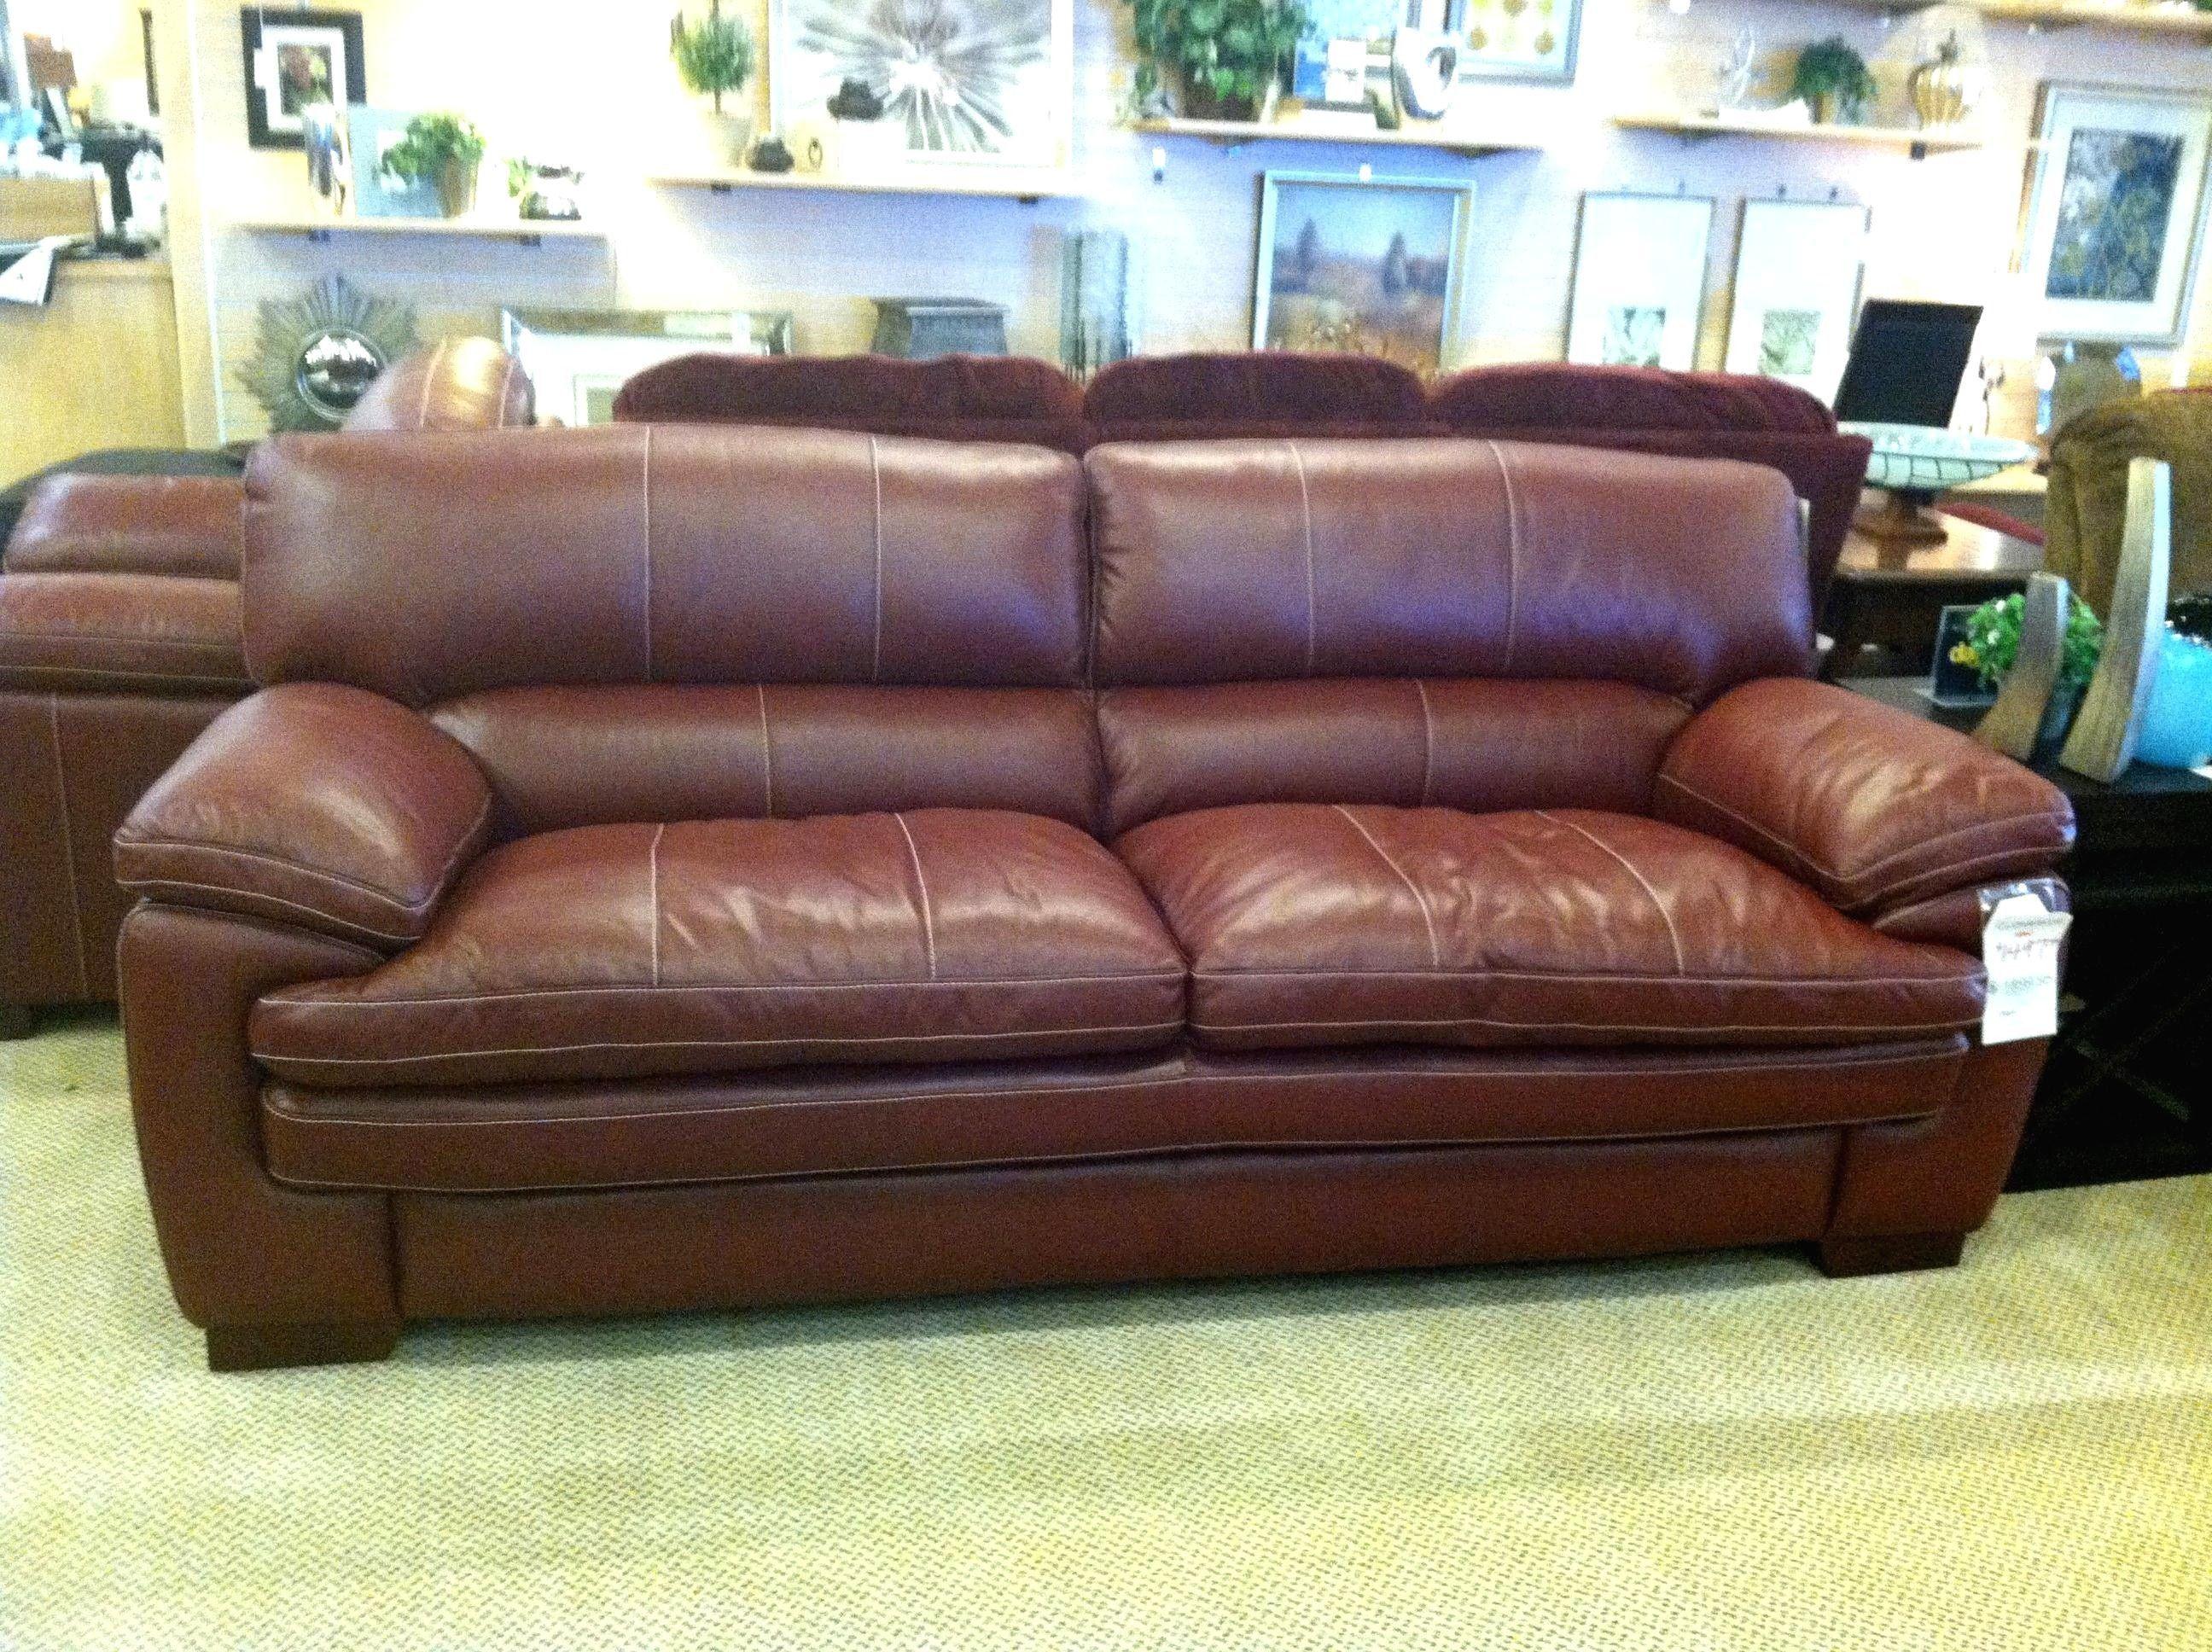 La Z Boy Leather Sleeper Sofa